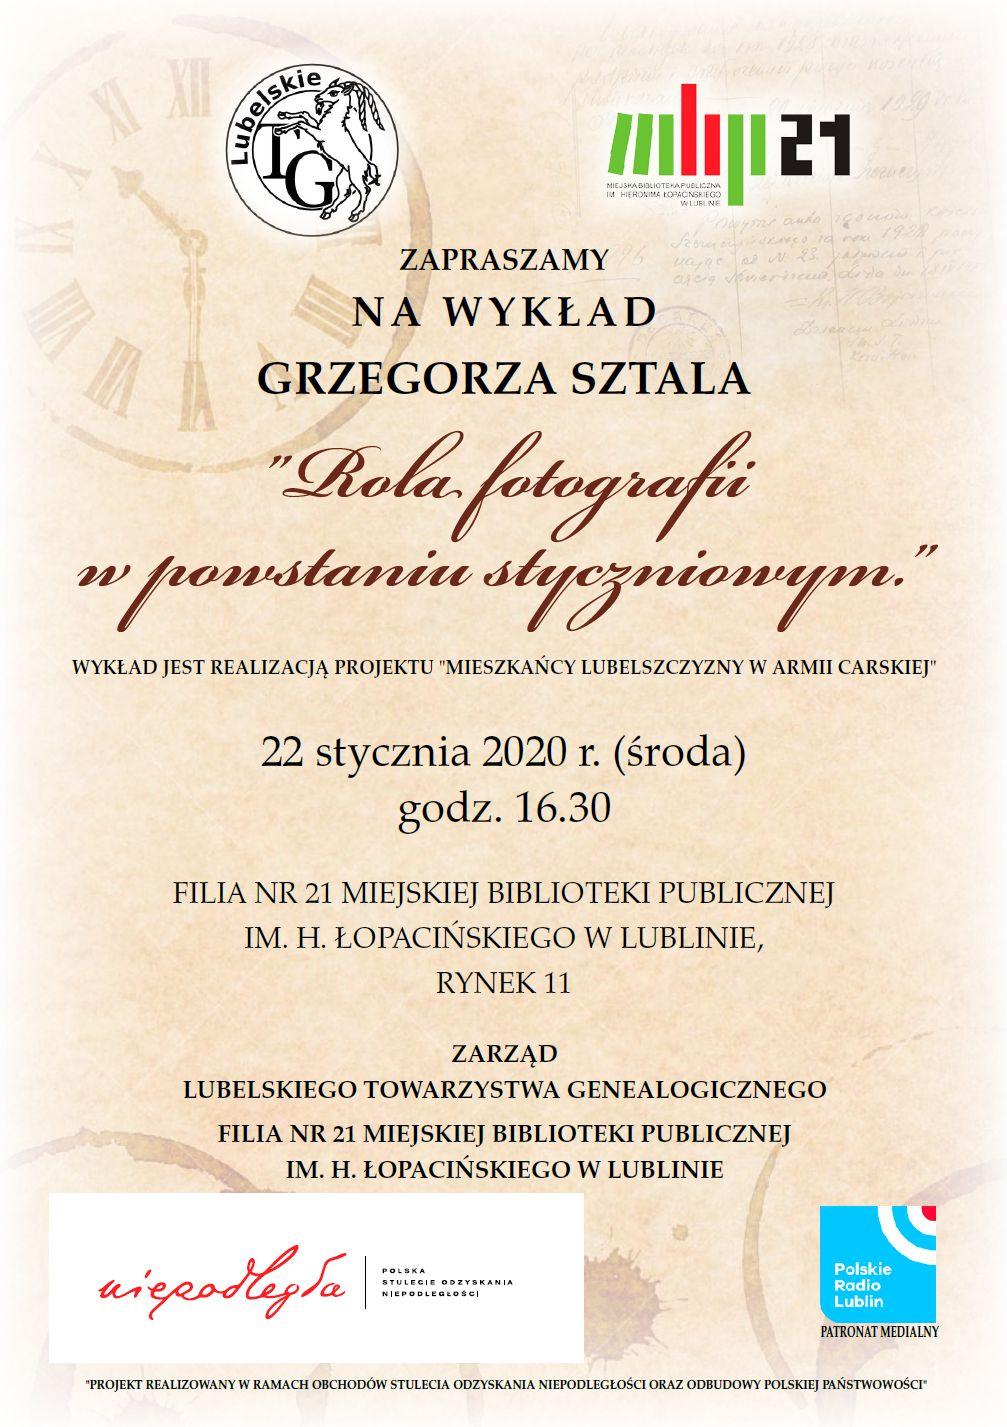 Plakat z zaproszeniem na styczniowe spotkanie Lubelskiego Towarzystwa Genealogicznego